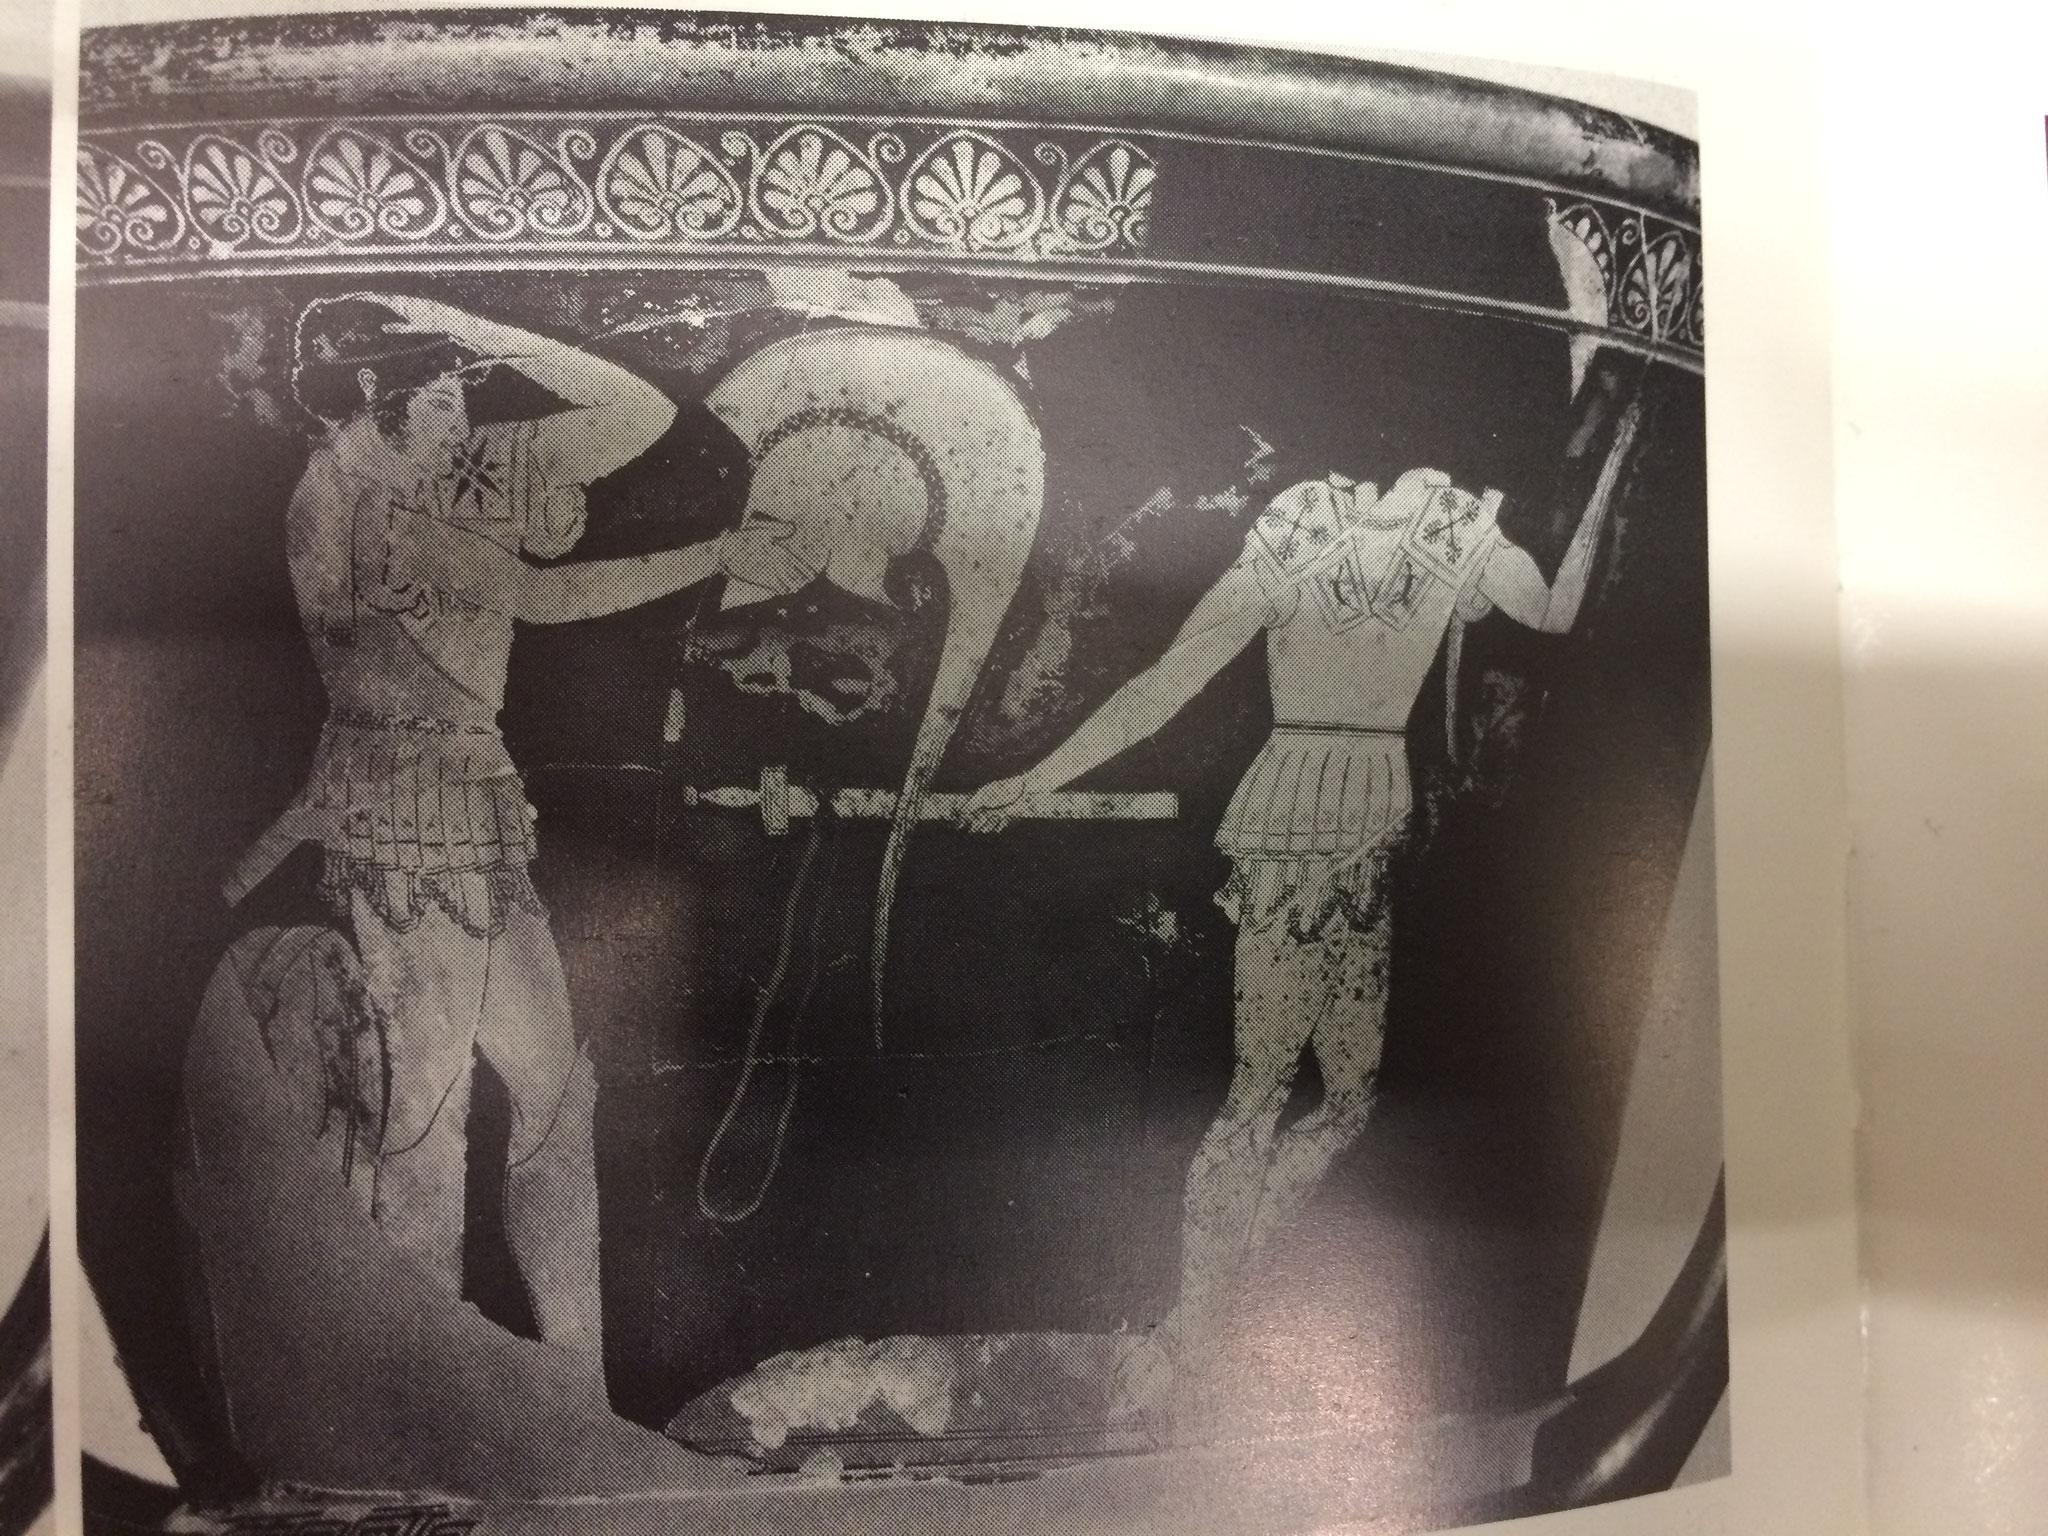 Abb. 2: Kleophrades-Maler, Metropolitan Museum New York, 500-490 v. Chr.